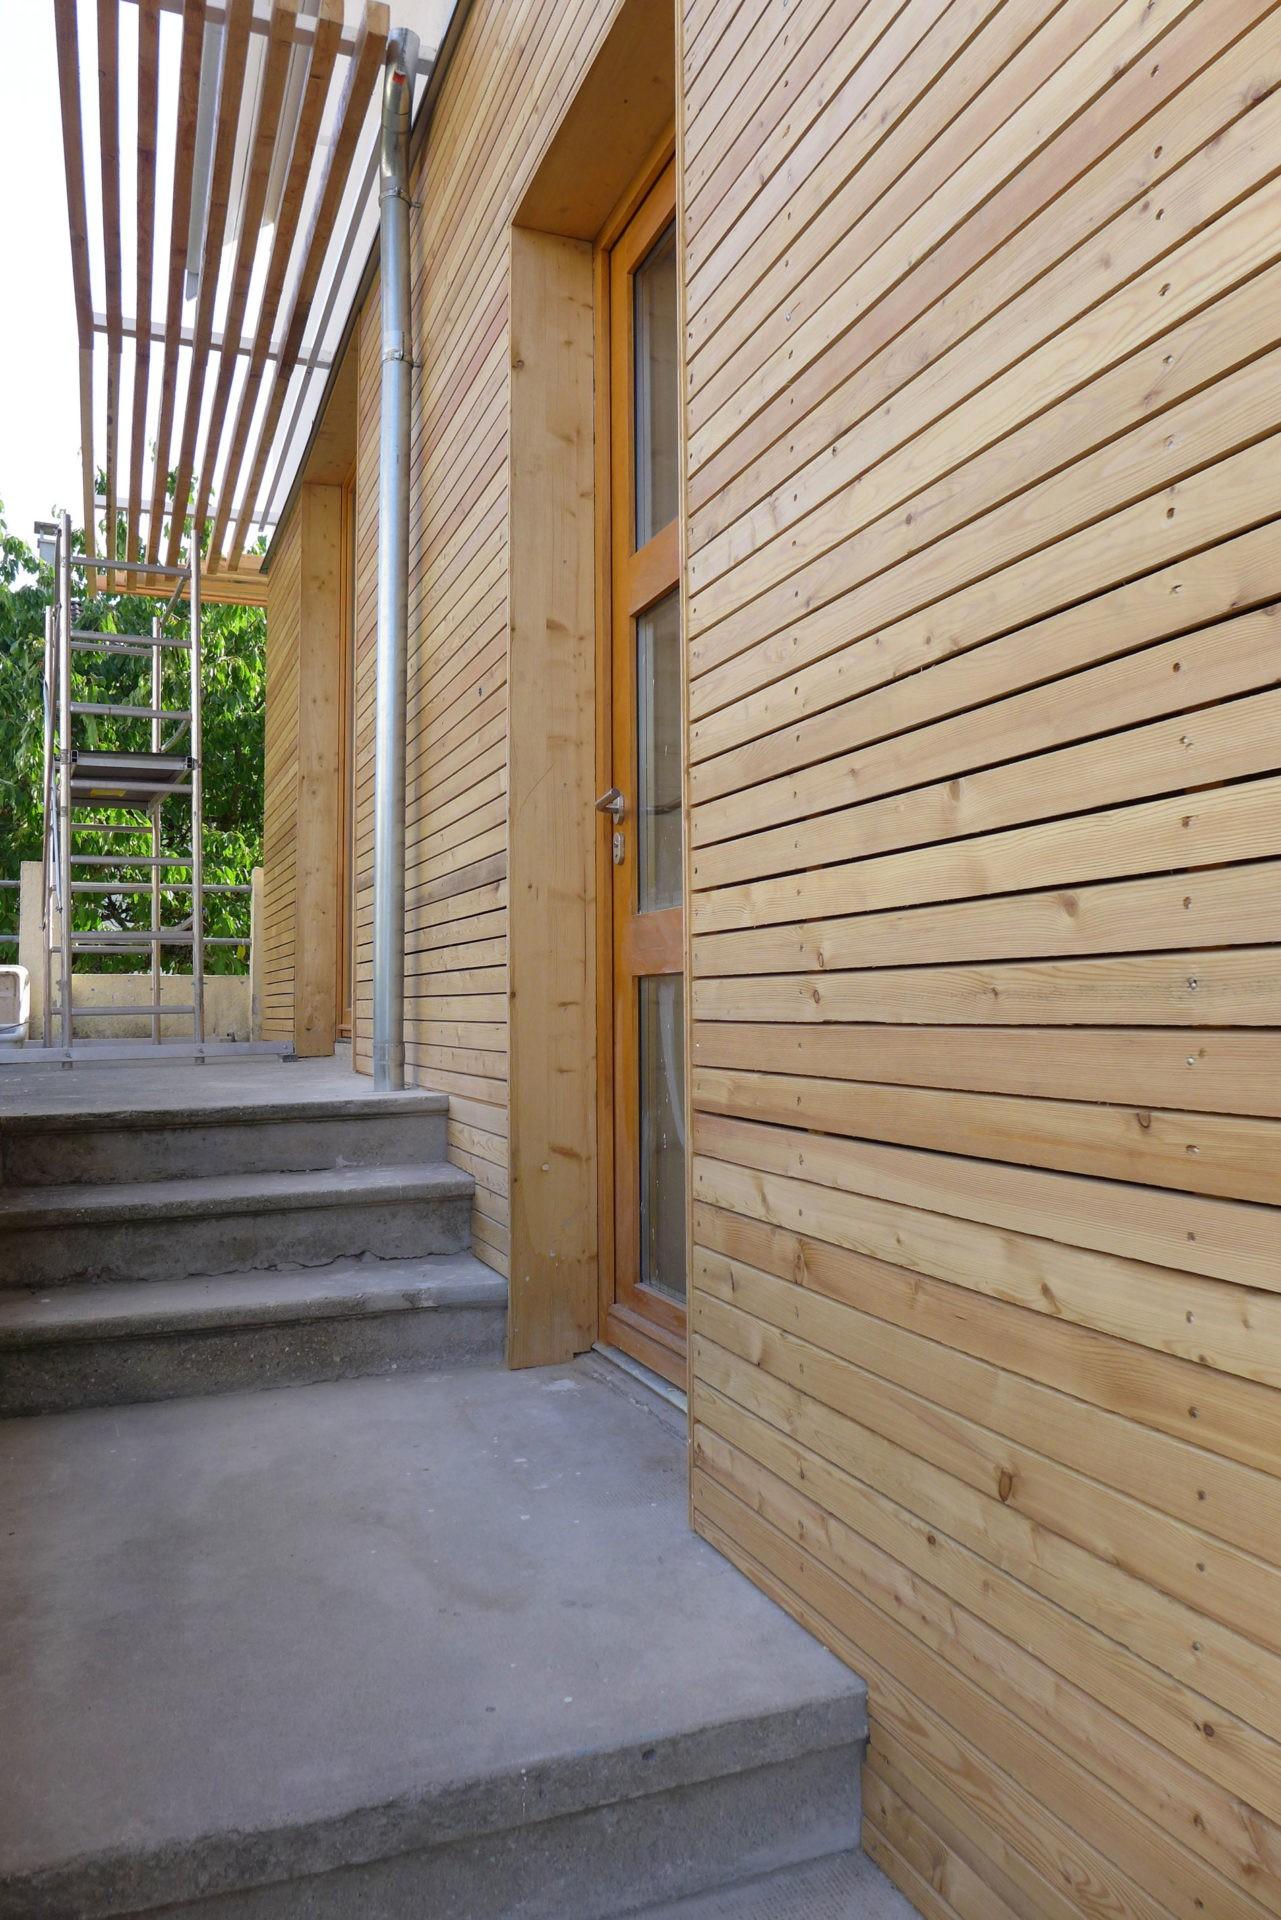 asb-architecture-savoie-chambery-renovation-maison-de-ville-bois-enduit-4